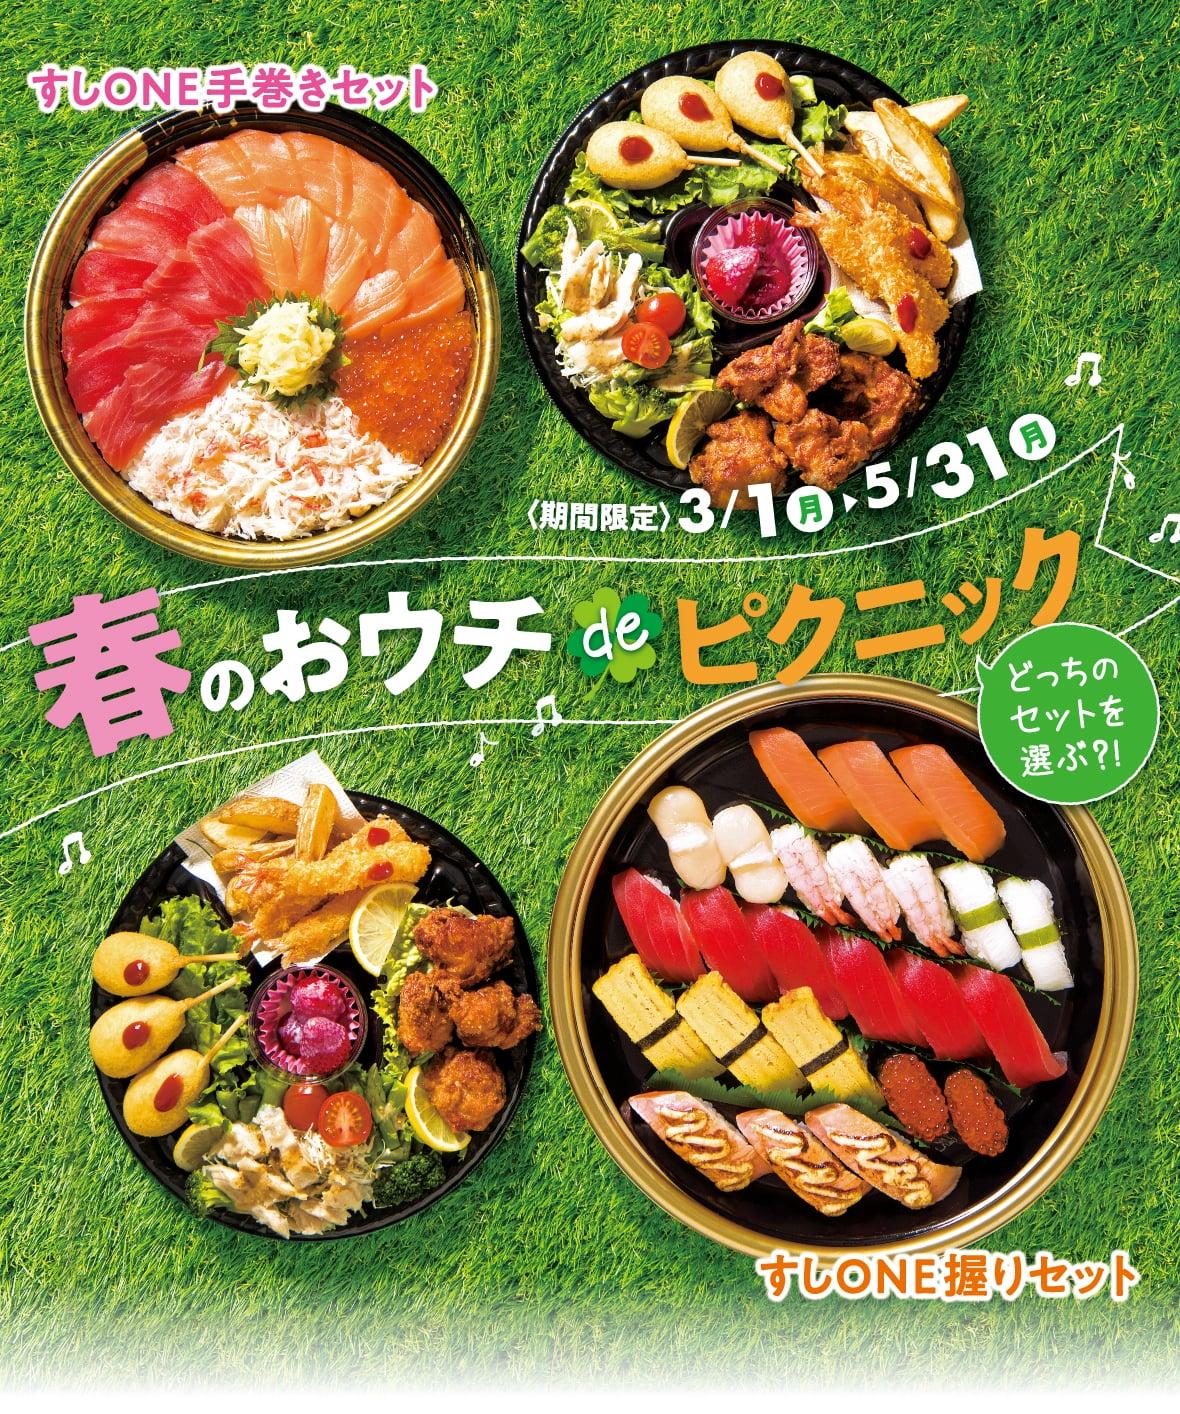 春のおウチでピクニック(販売期間:3月1日~5月31日)